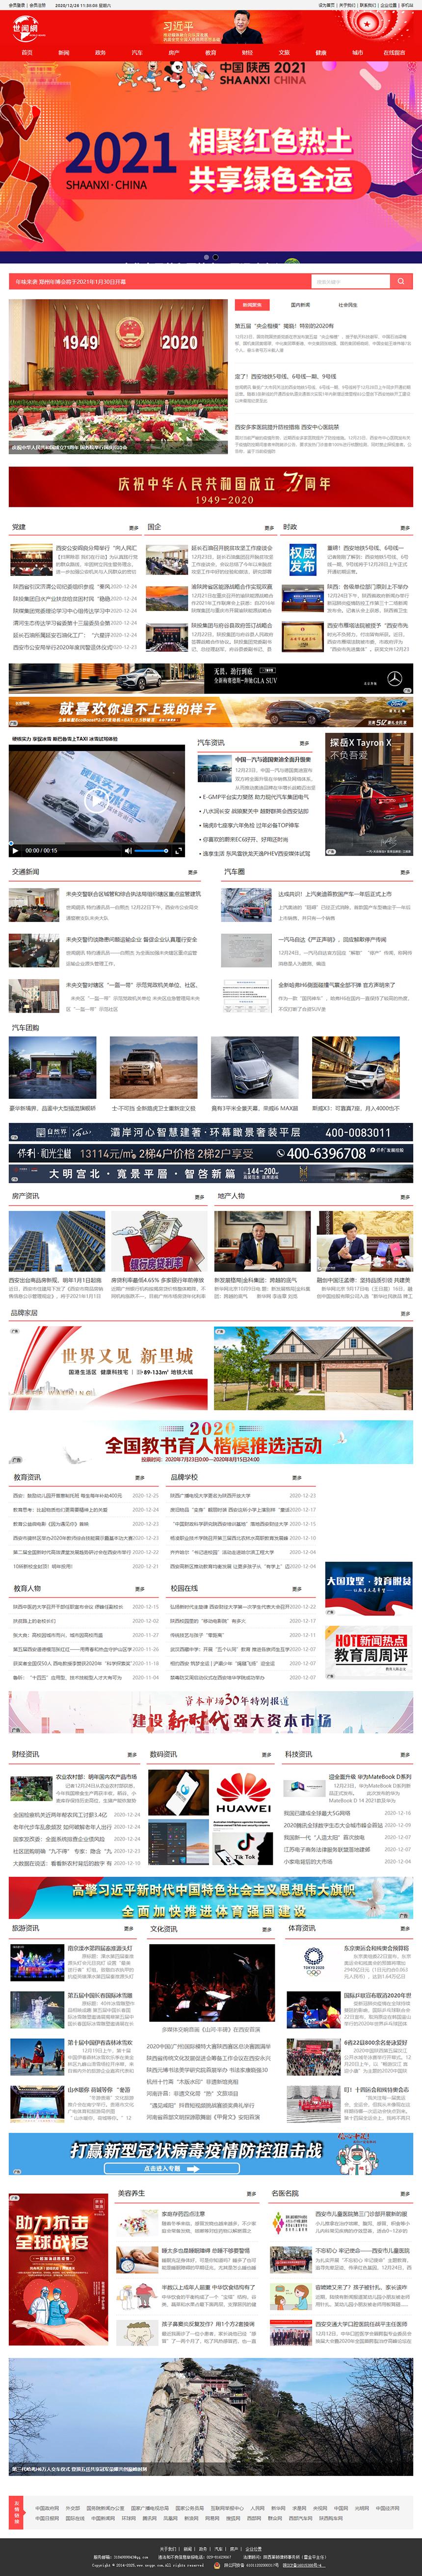 世闻網_读懂中国 網观世界.png